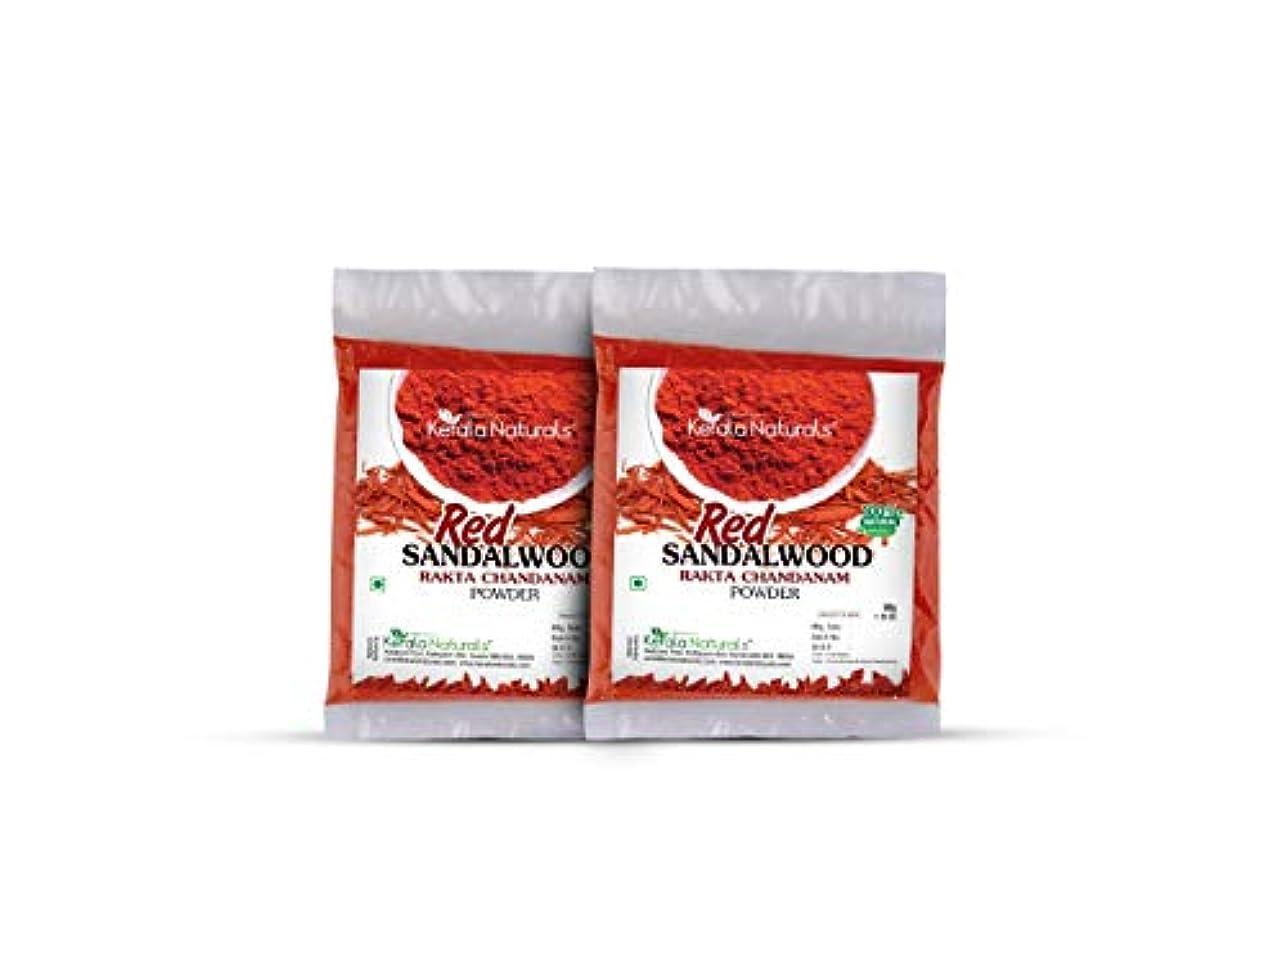 Kerala Naturals Ayurvedic Natural Red Sandalwood Powder Raktha Chandan - 100Gm (50gm x 2 packs)